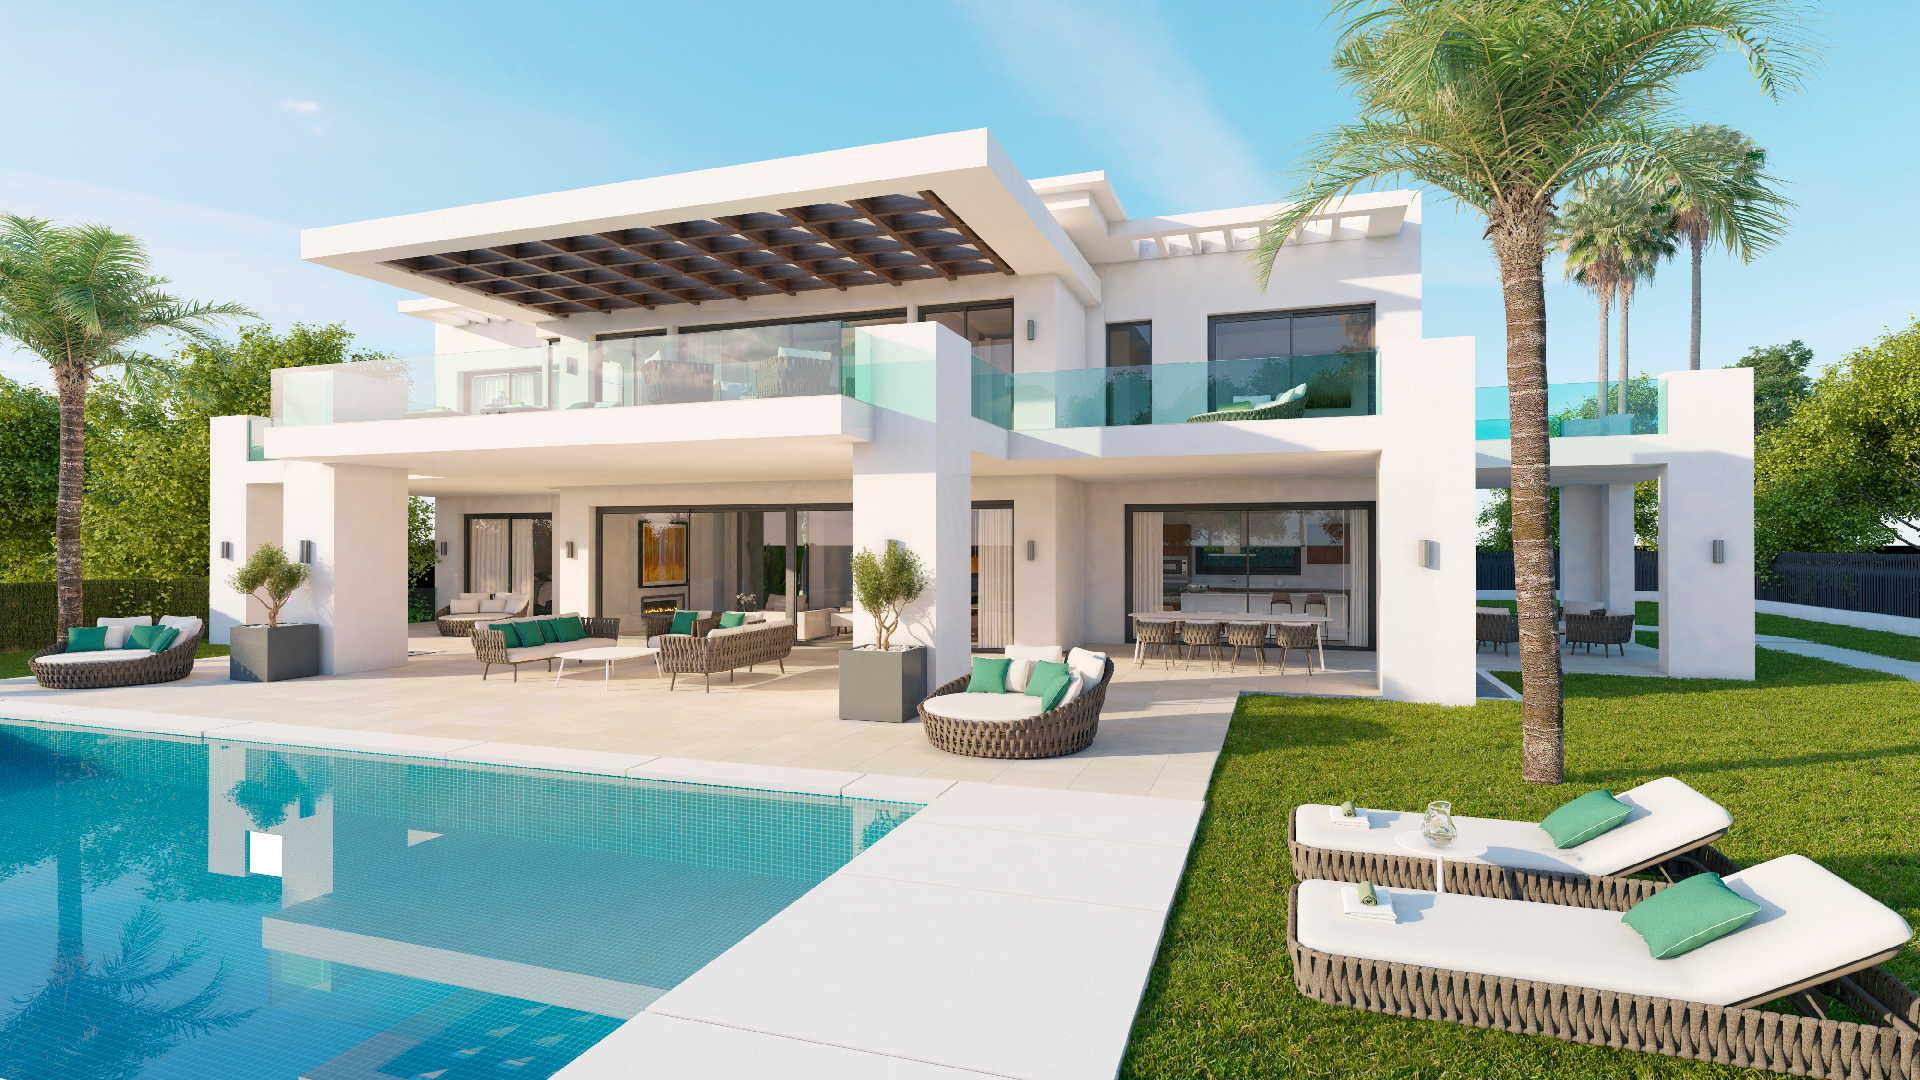 New villa in Los Olivos Nueva Andalucia Marbella  Realista